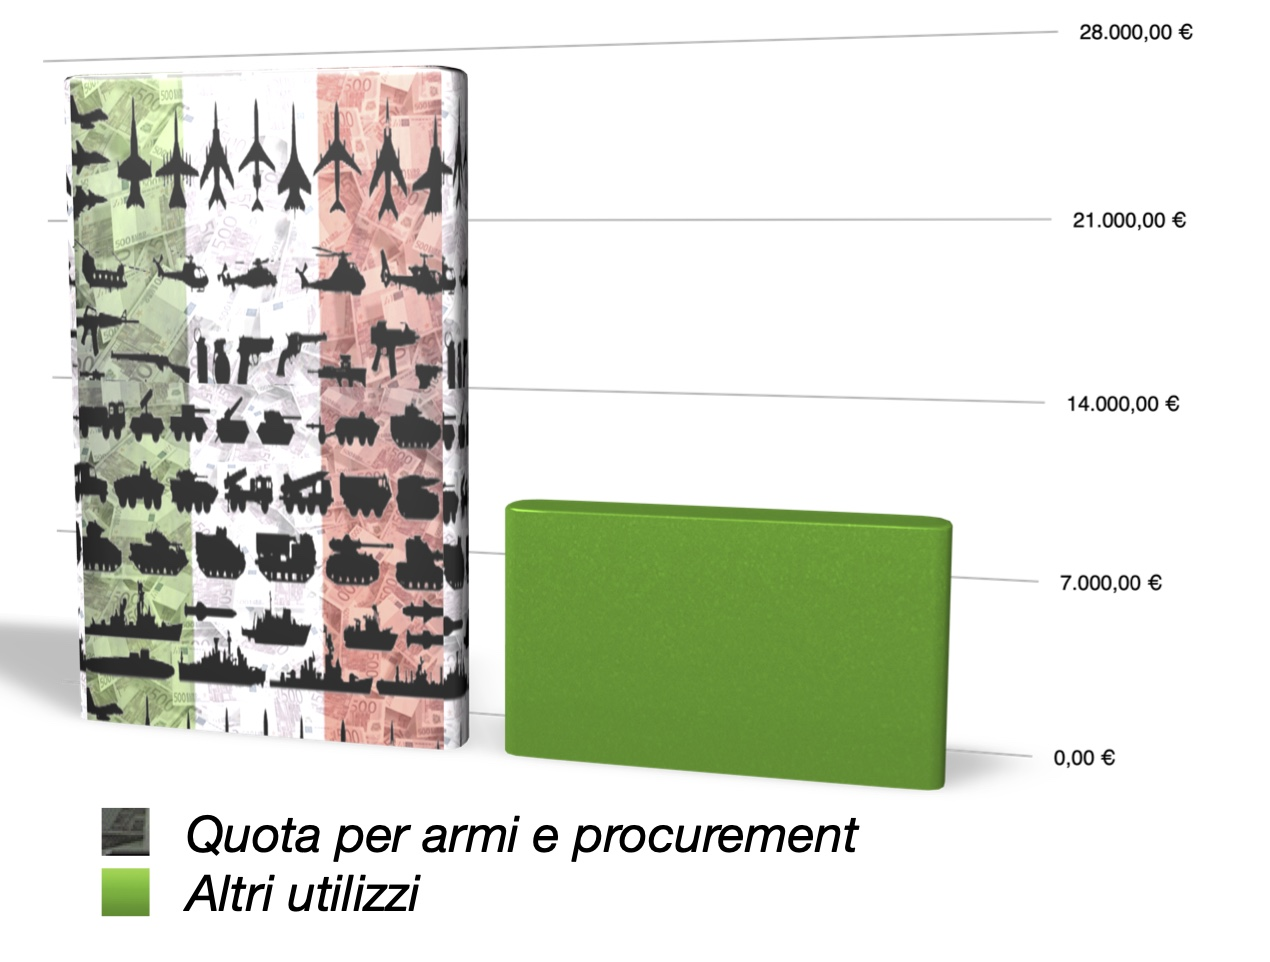 Alla spesa militare il 25% dei fondi pluriennali d'investimento